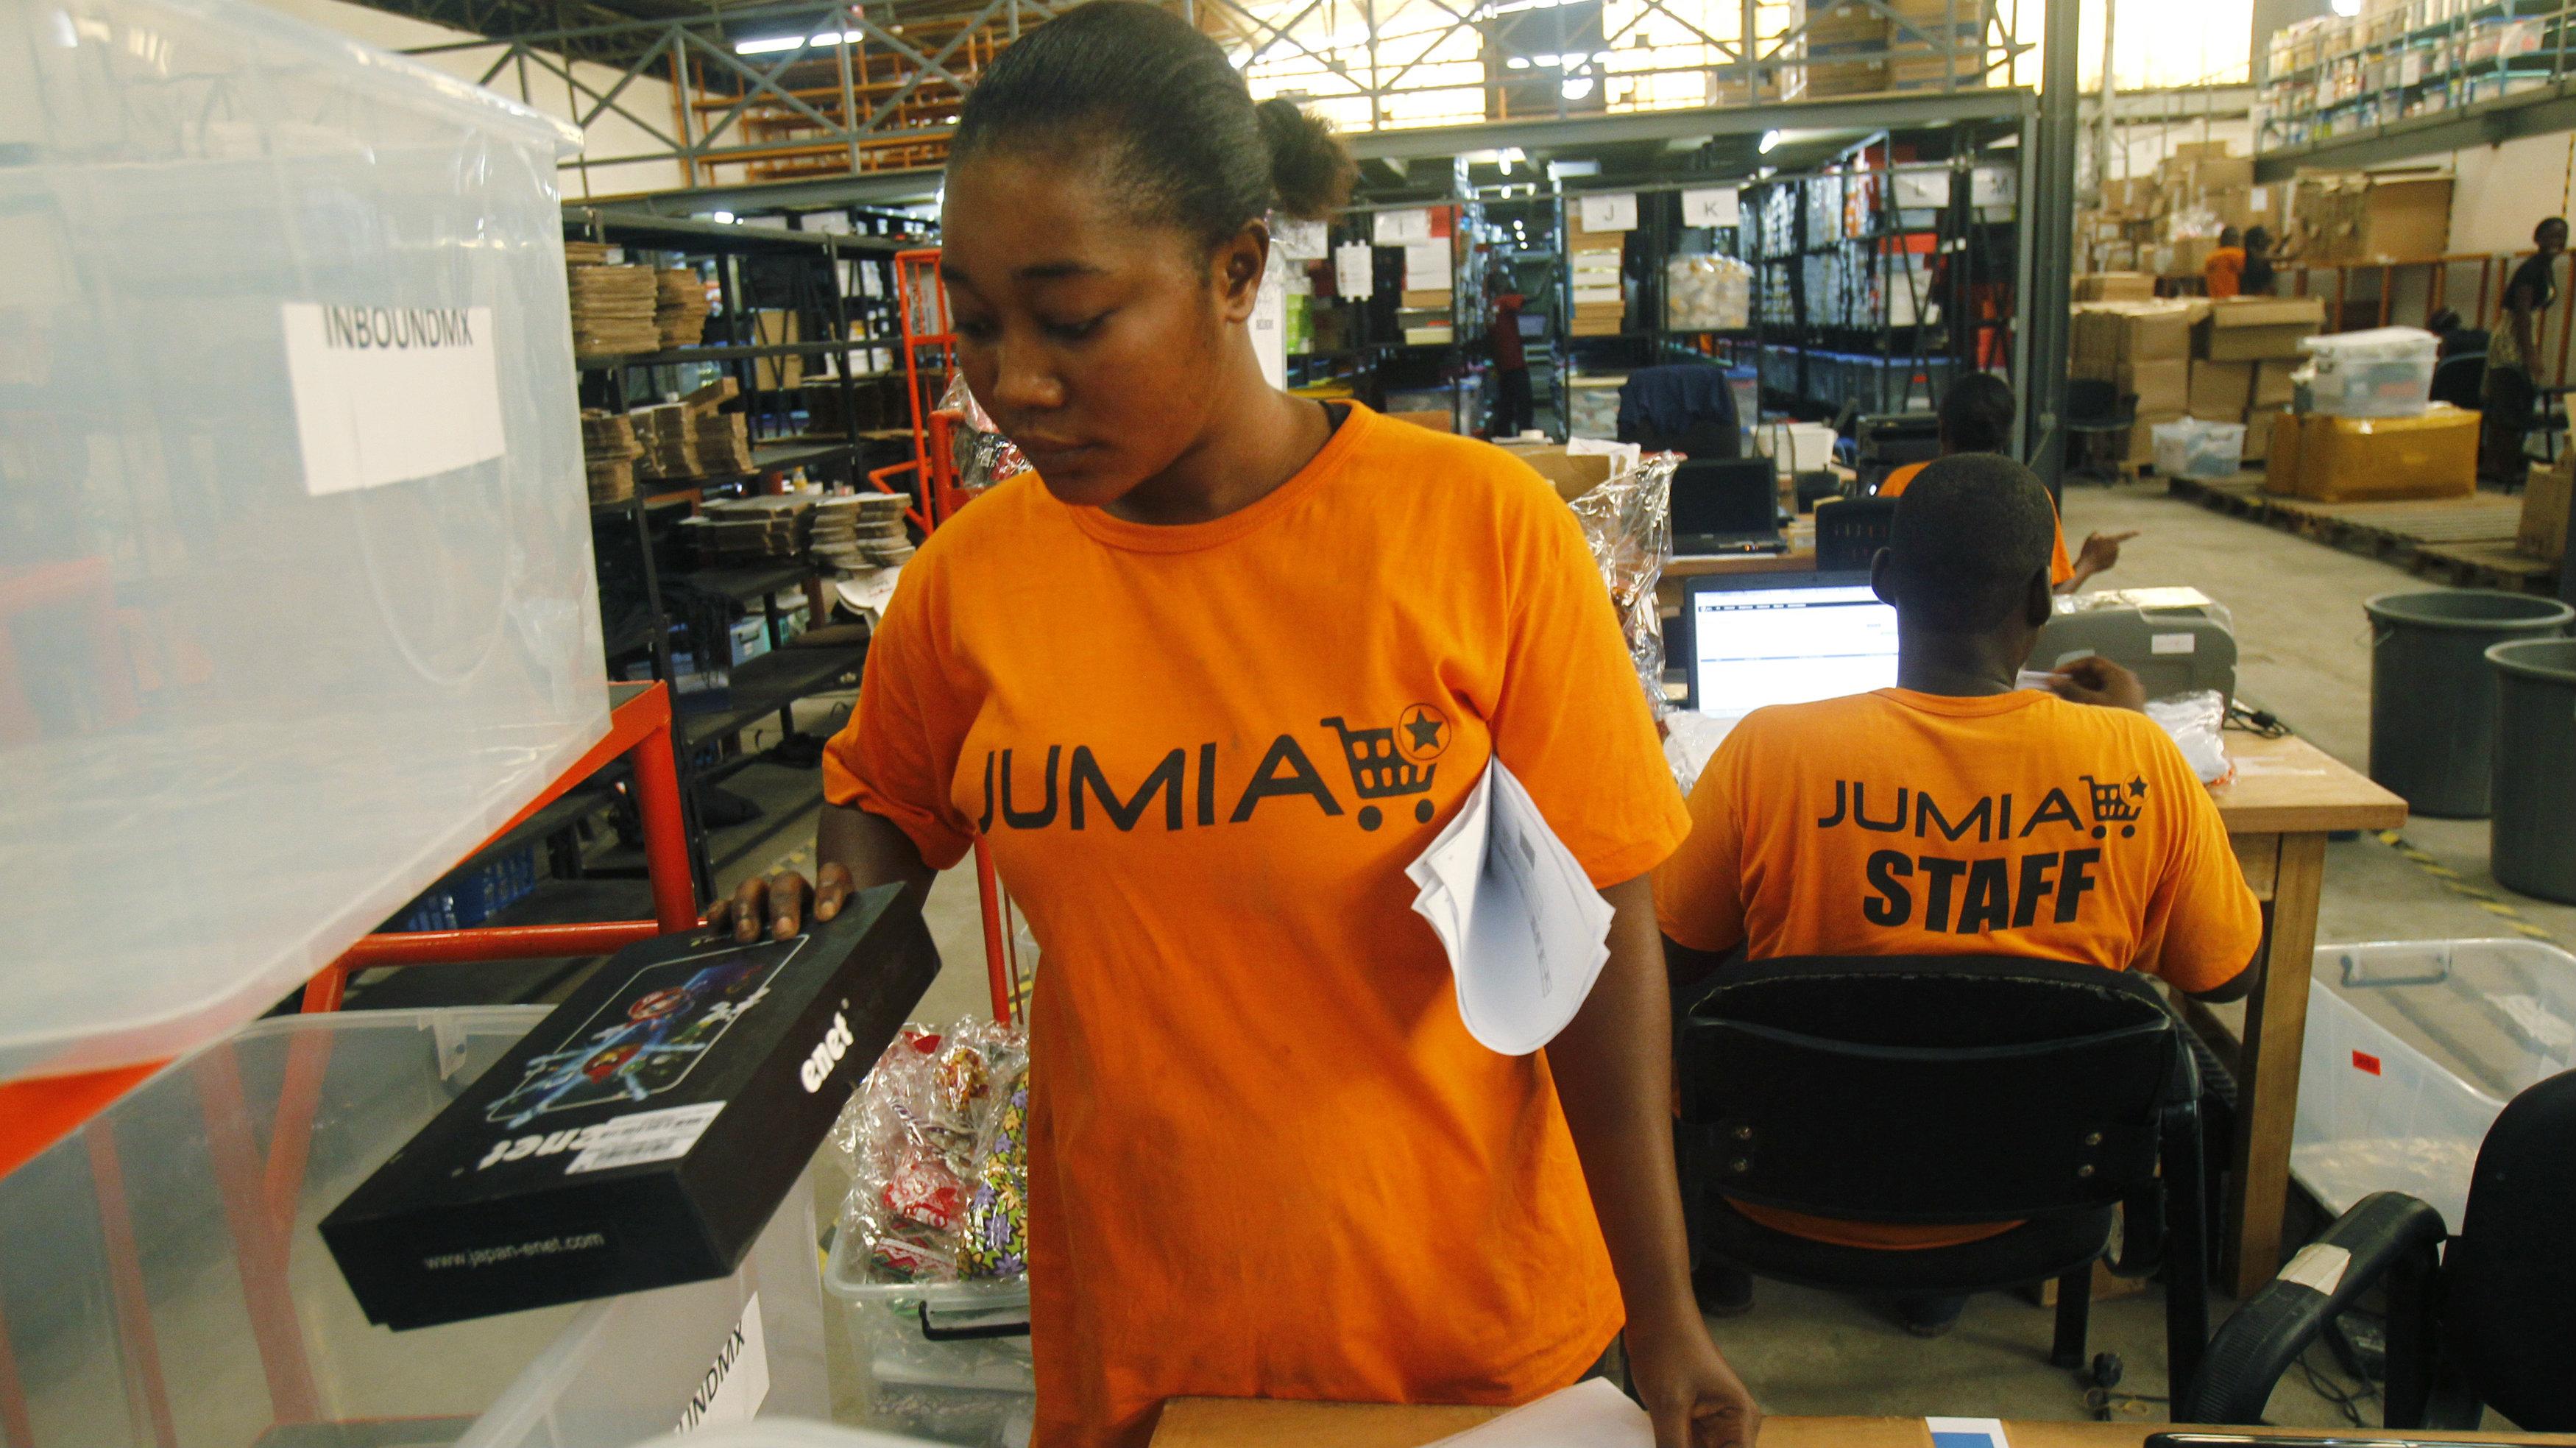 Jumia reveals internal staff fraud, legal fights, widening losses